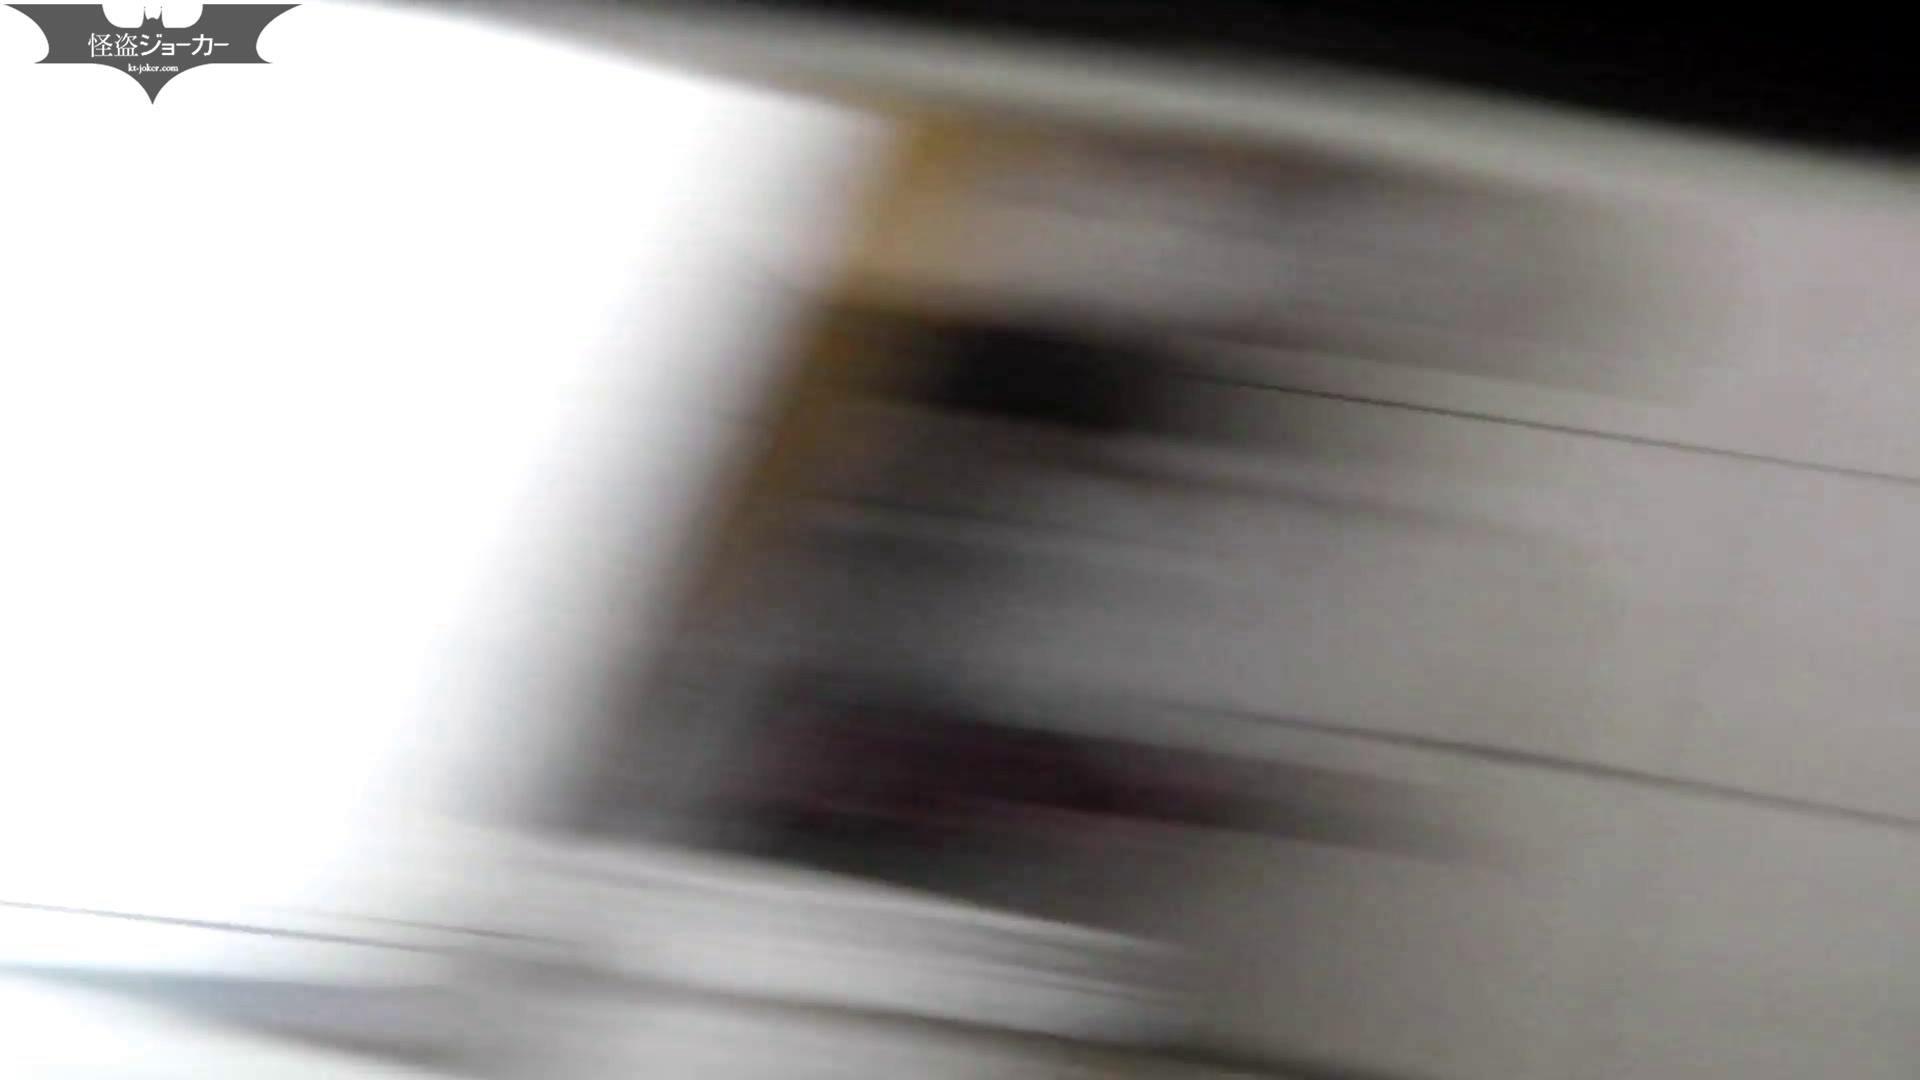 世界の射窓から ステーション編 vol.22 OL | 0  31連発 13